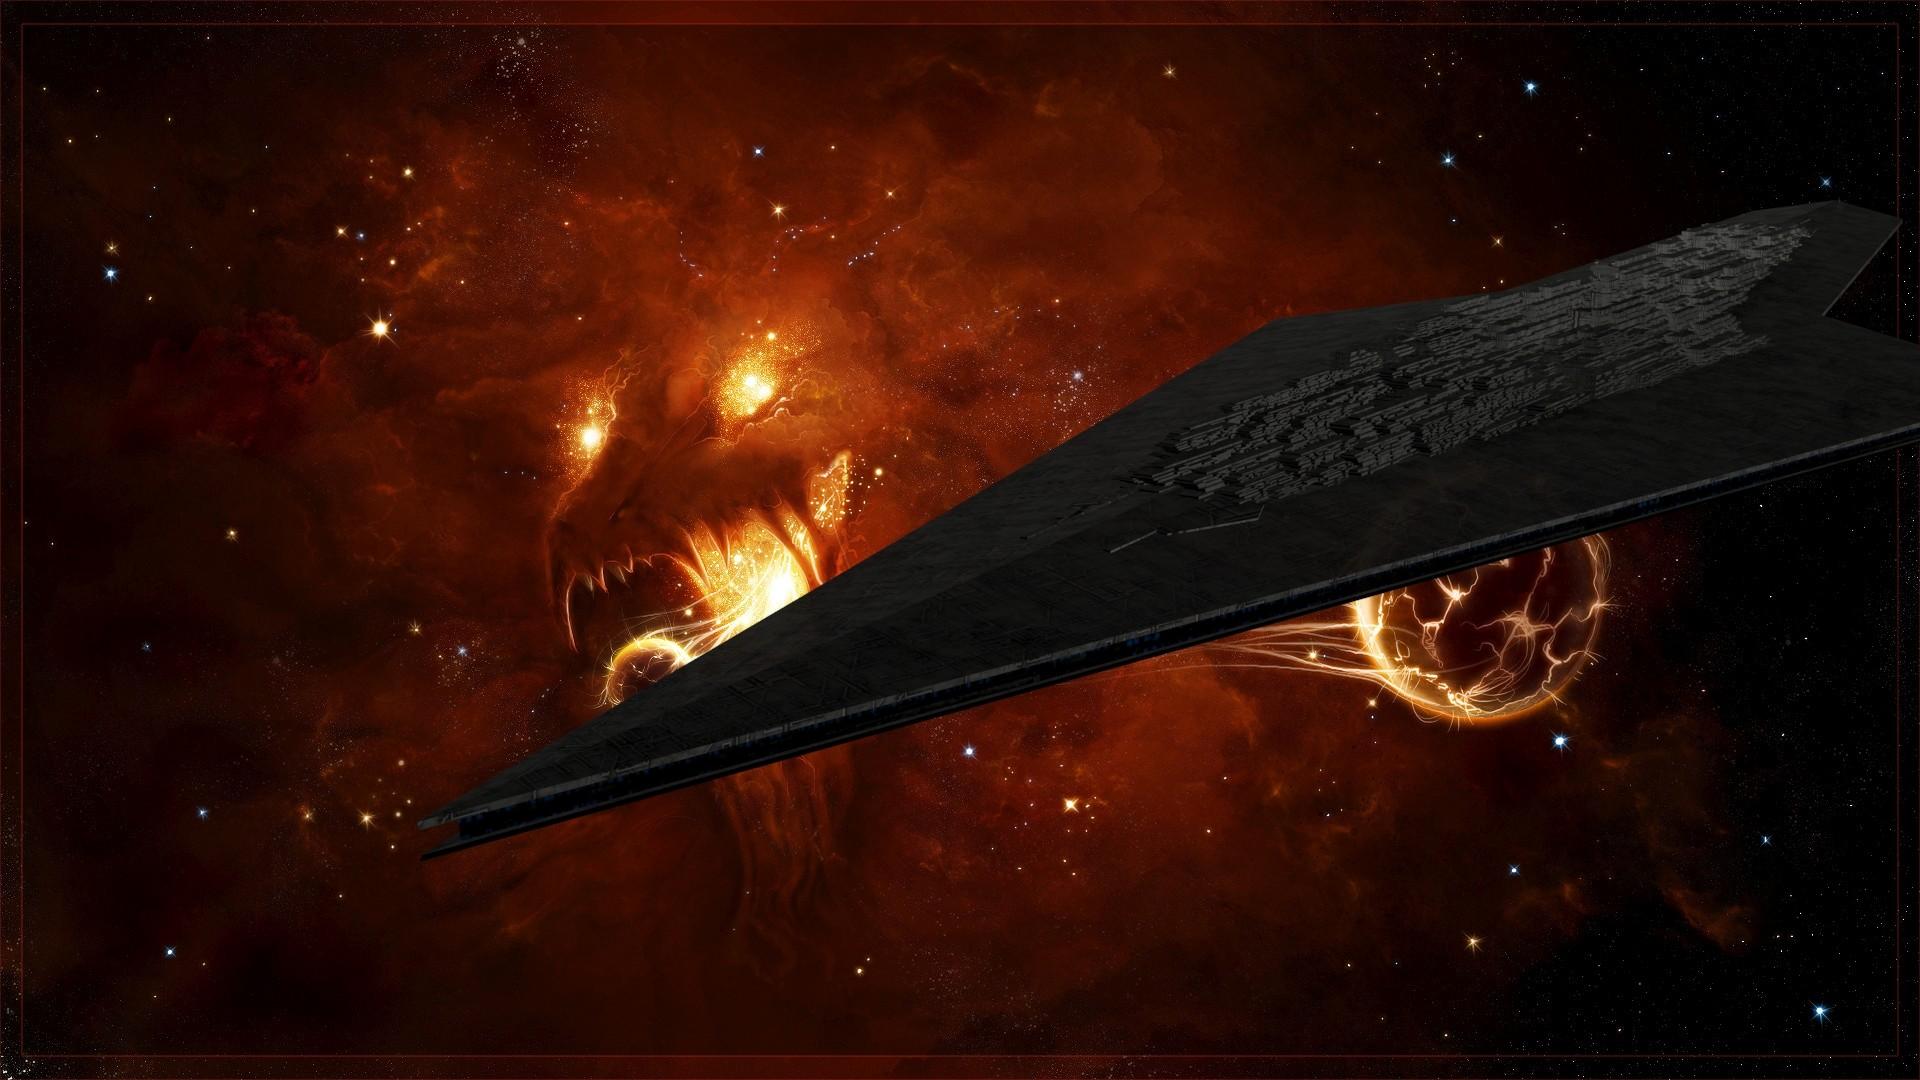 Executor – Super Star Destroyer by Merytaten-tasherit